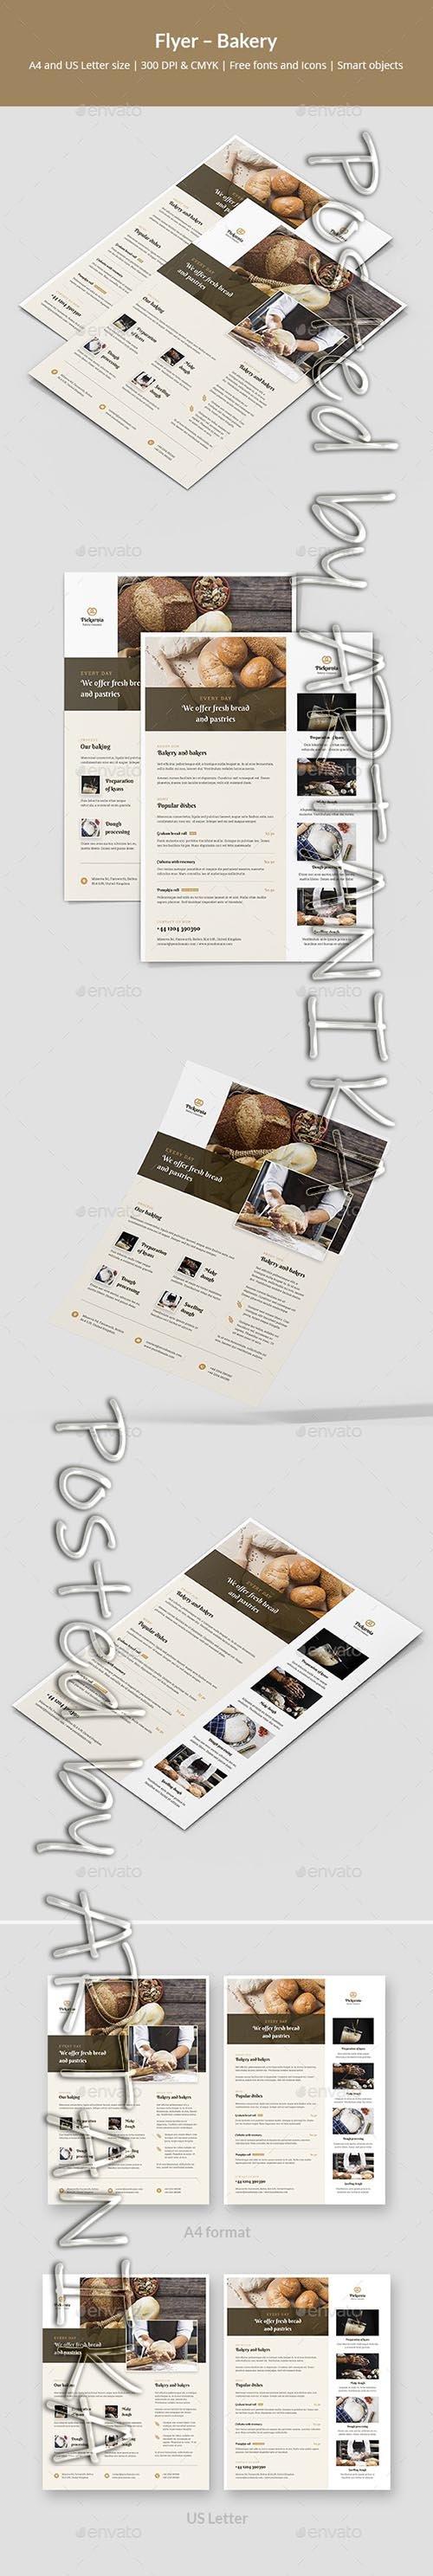 Flyer Bakery 24531926